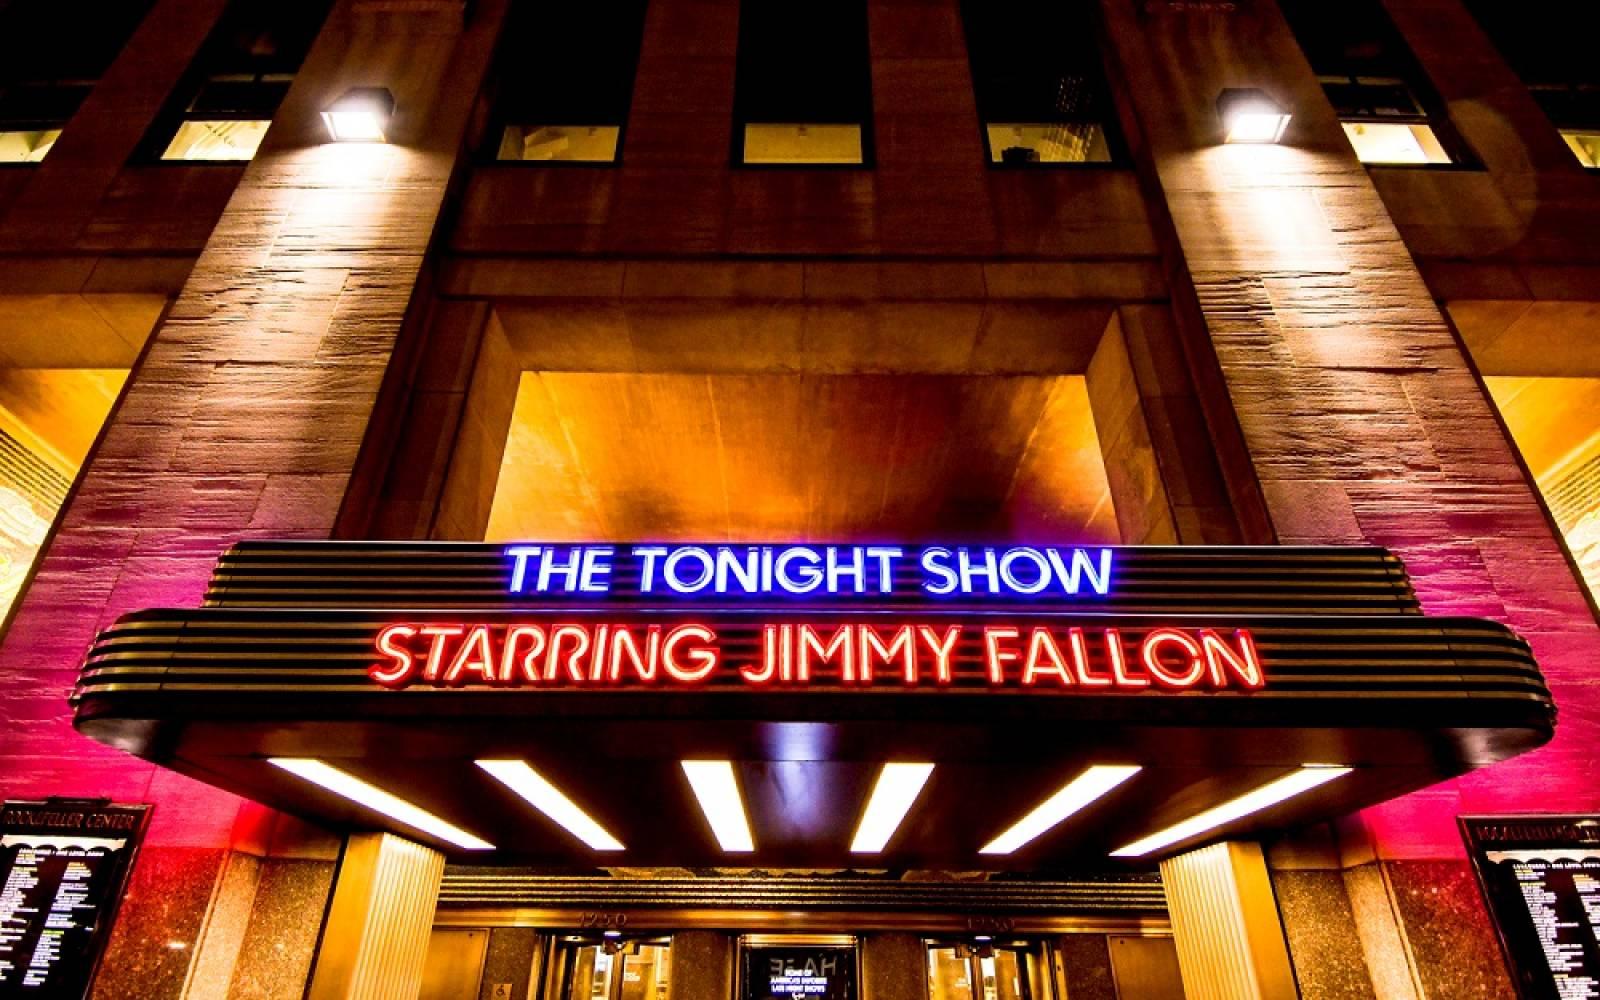 Jimmy Fallon, Jimmy Kimmel nebo Stephen Colbert? Kdo má tu nejzábavnější late night show